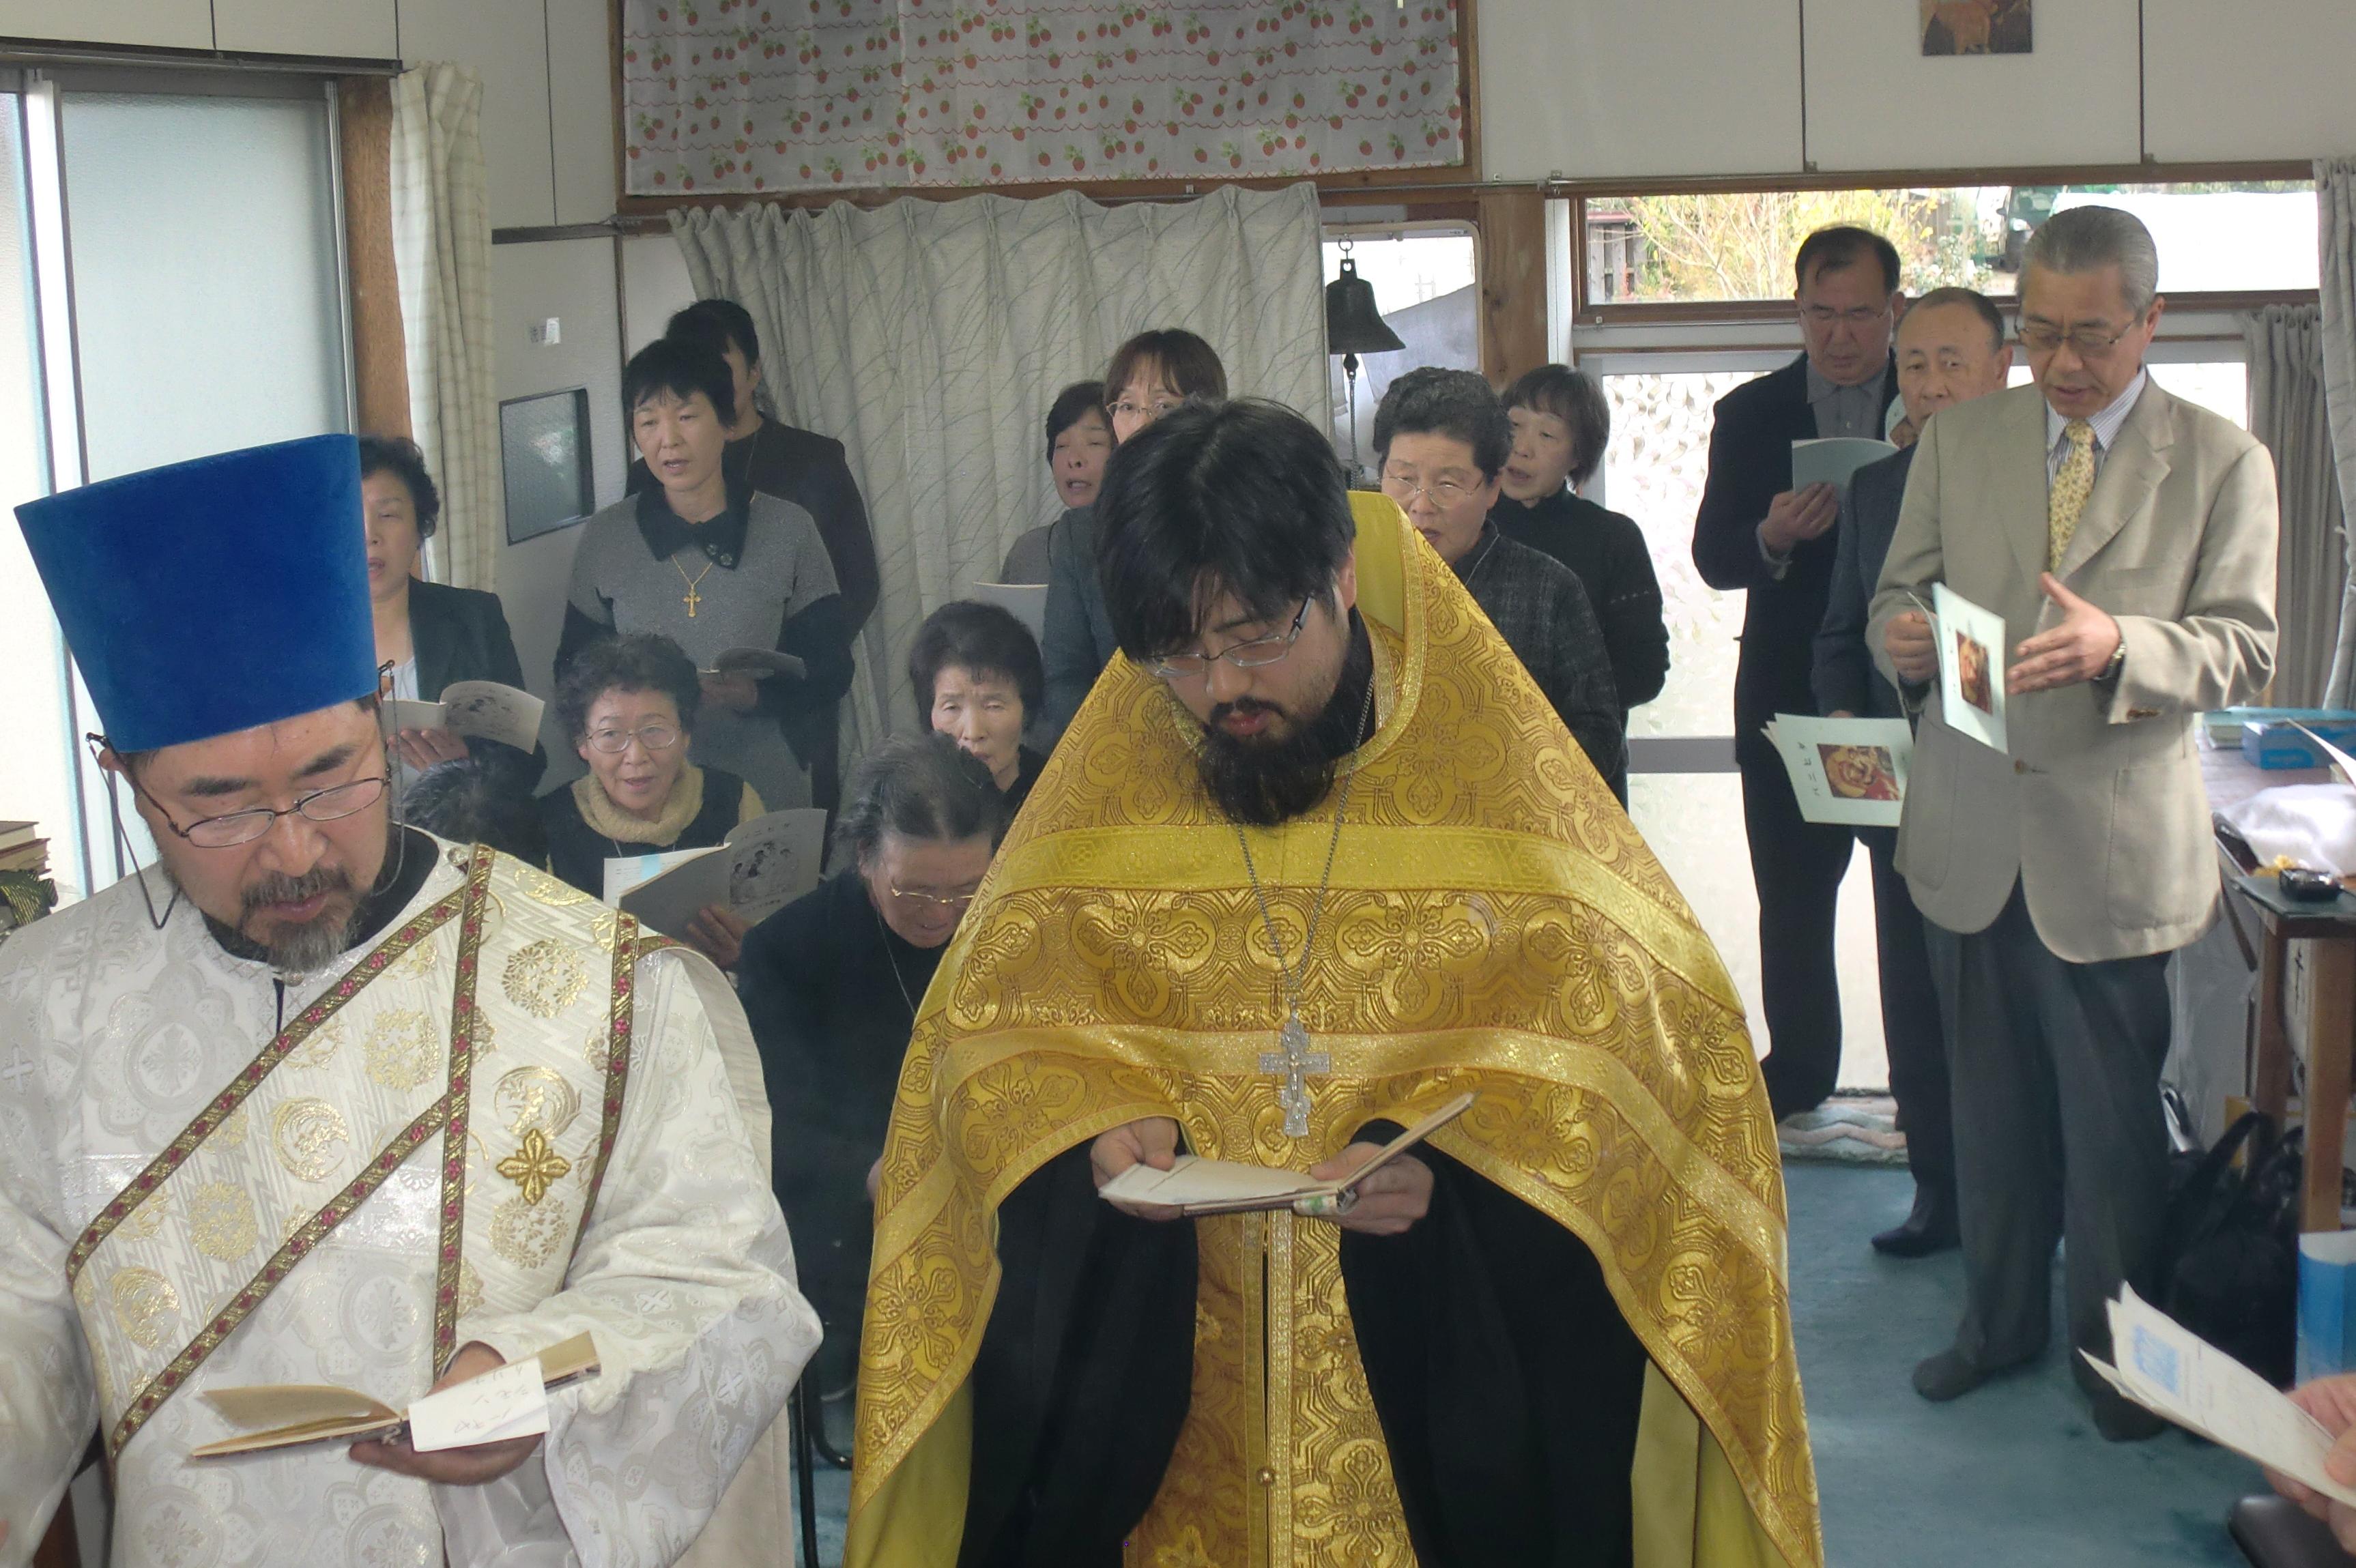 参祷者でパニヒダを献ずる